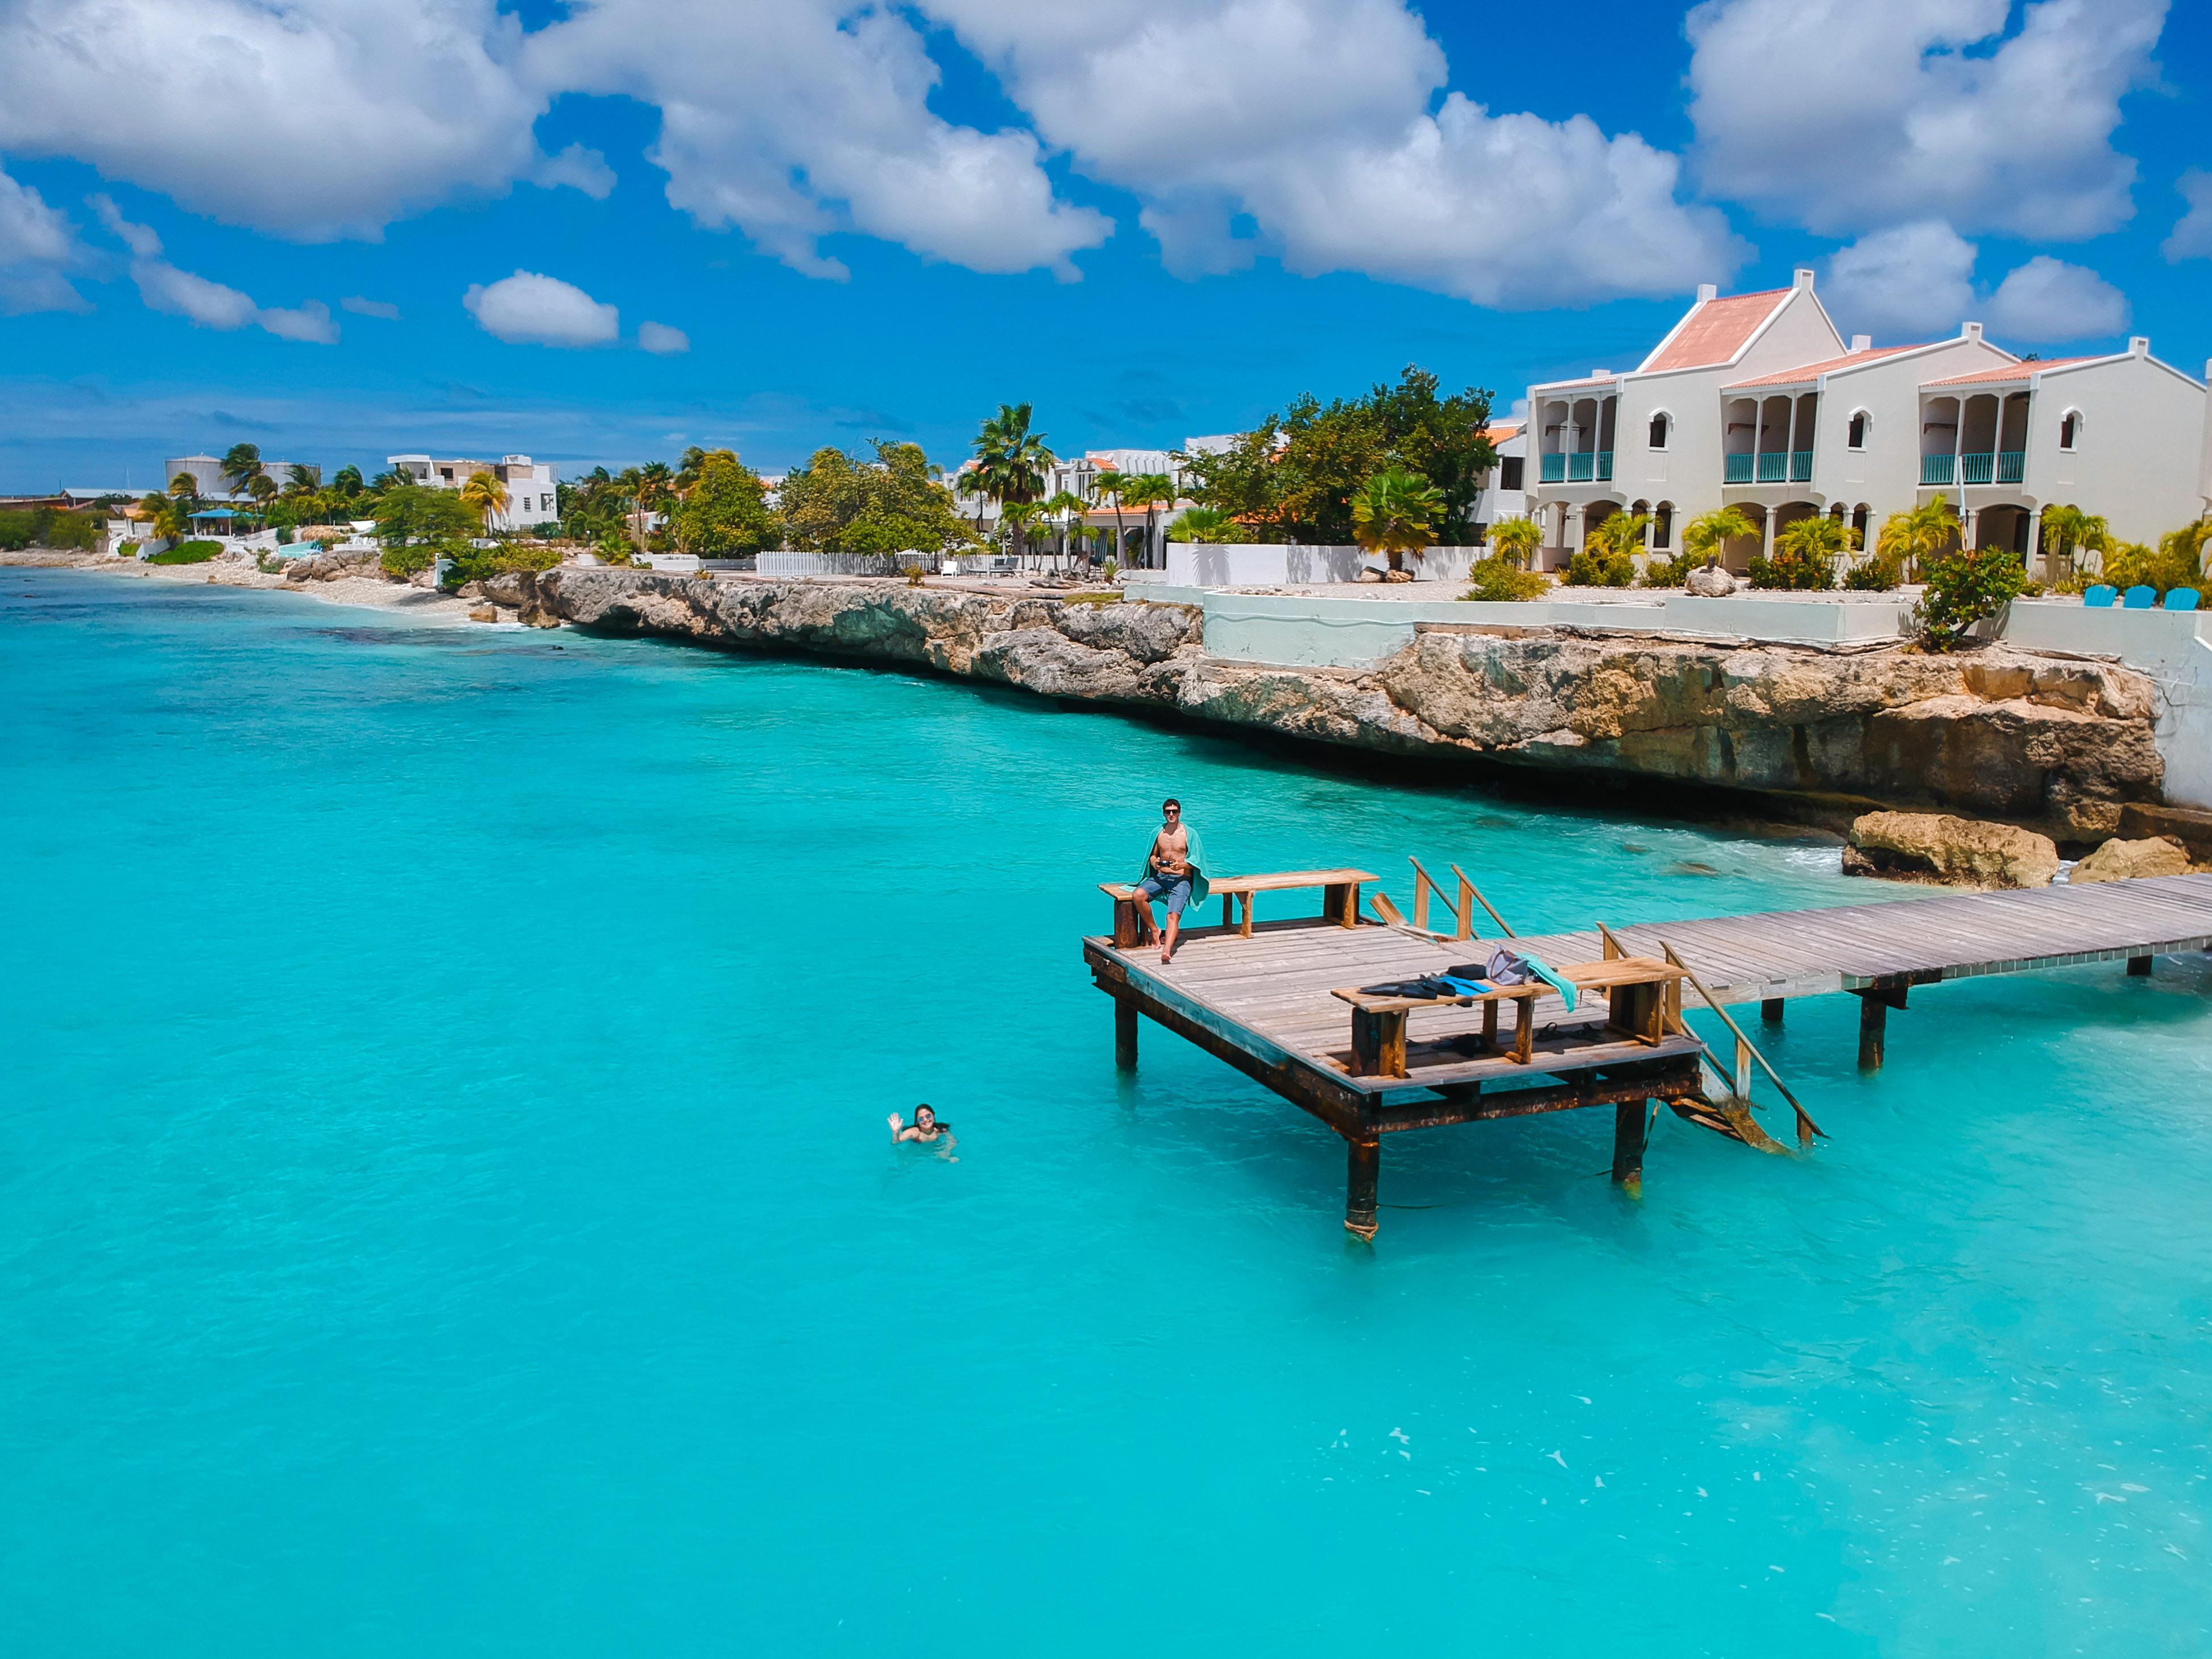 foto no pier em Bonaire